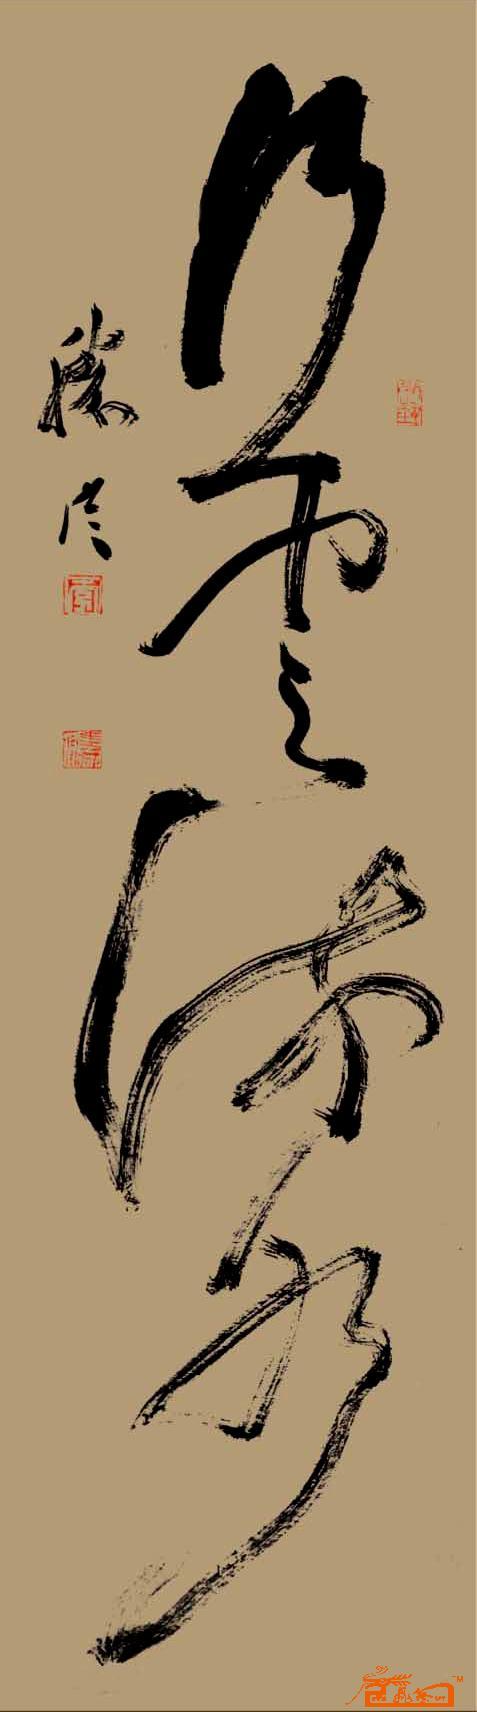 名家 李胜洪 书法 - 行云流水 当前 位粉丝喜爱本幅作品